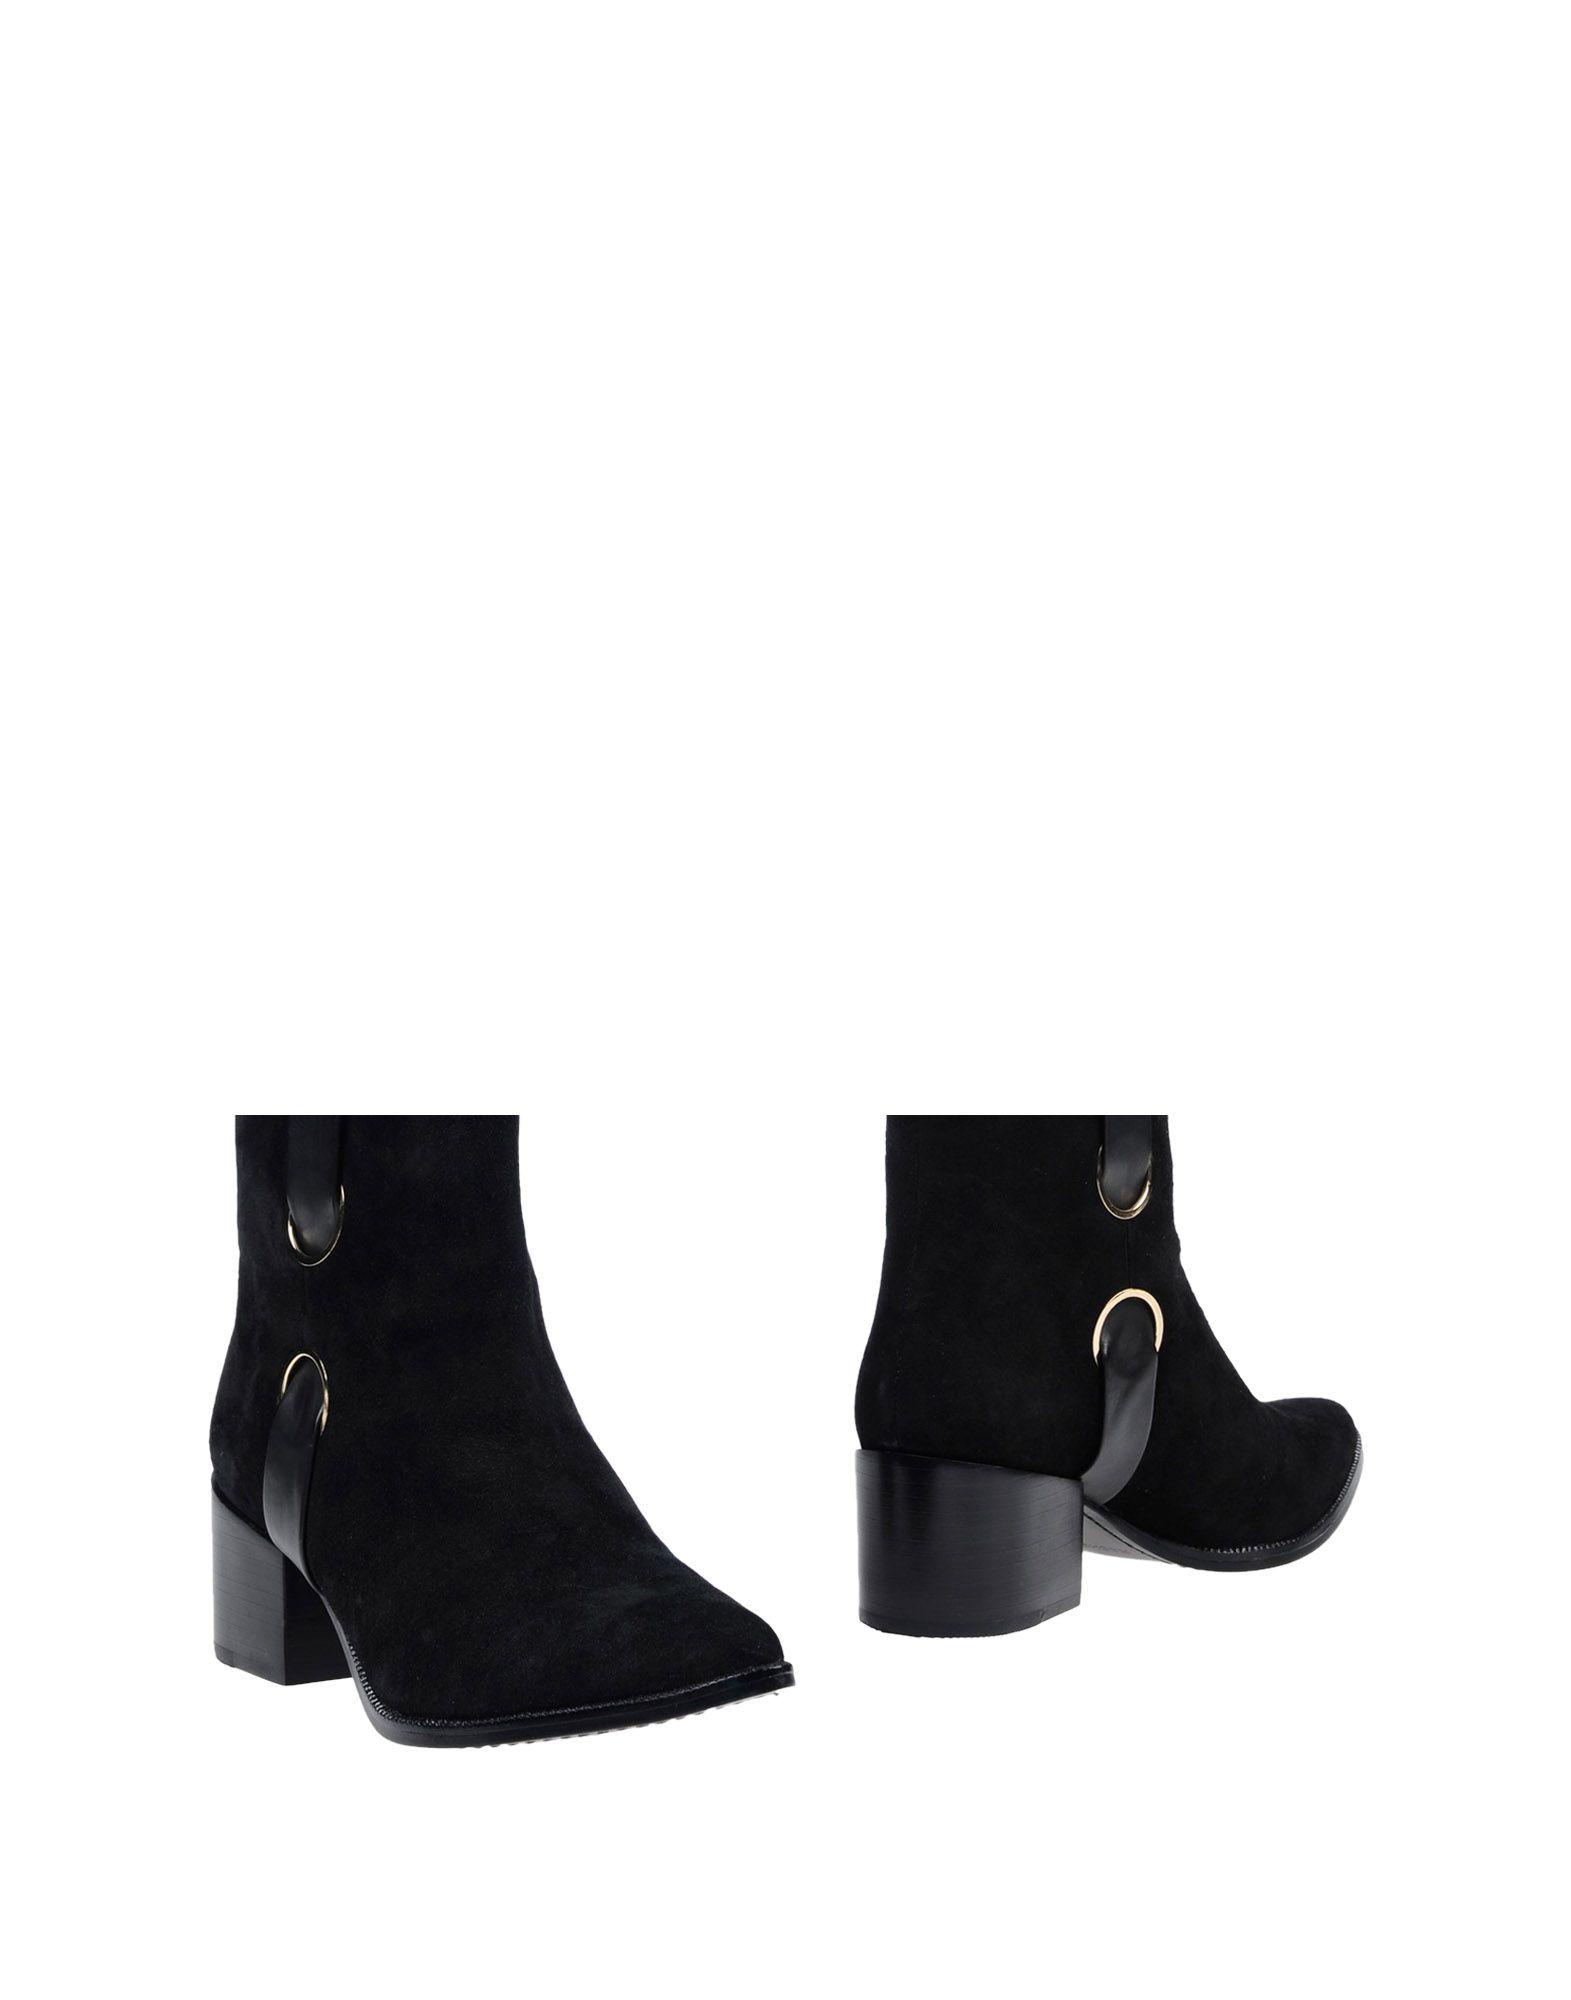 Rachel Zoe Stiefelette Damen  11410445LG Gute Qualität beliebte Schuhe